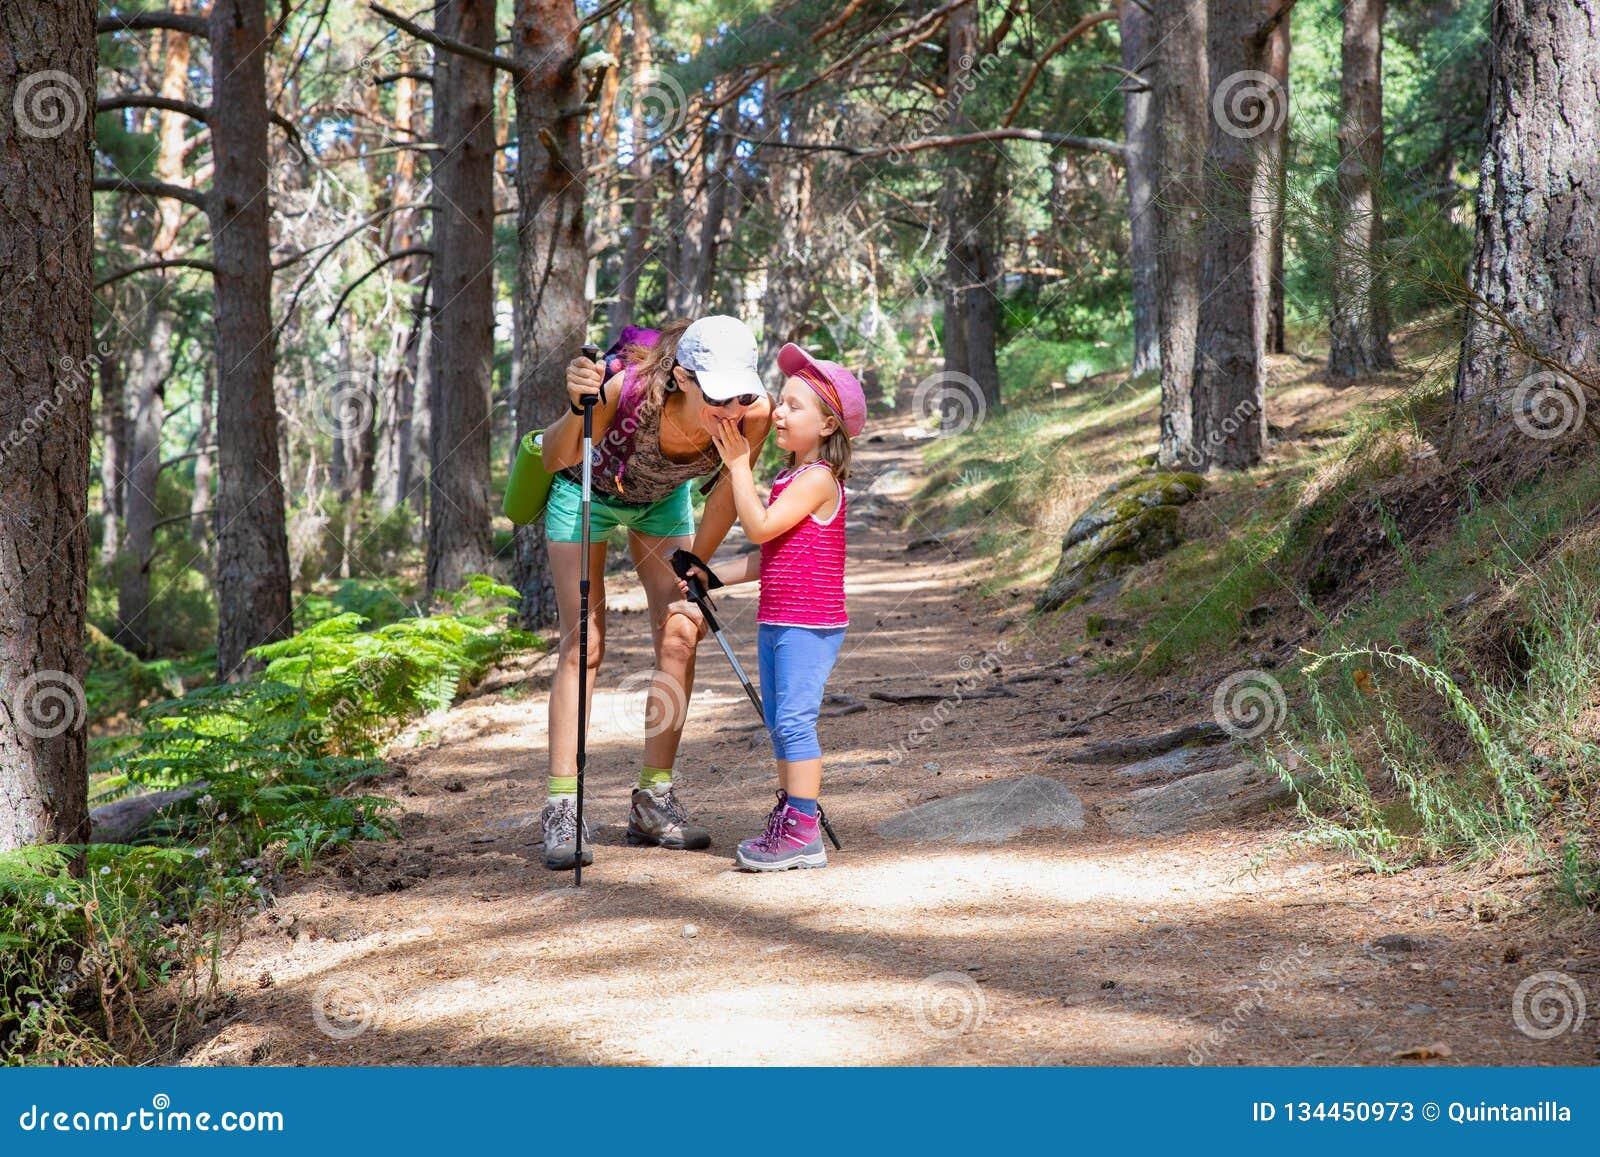 Klättra i berg det lilla barnet som skrattar och talar till kvinnan på en vandringsled i skog